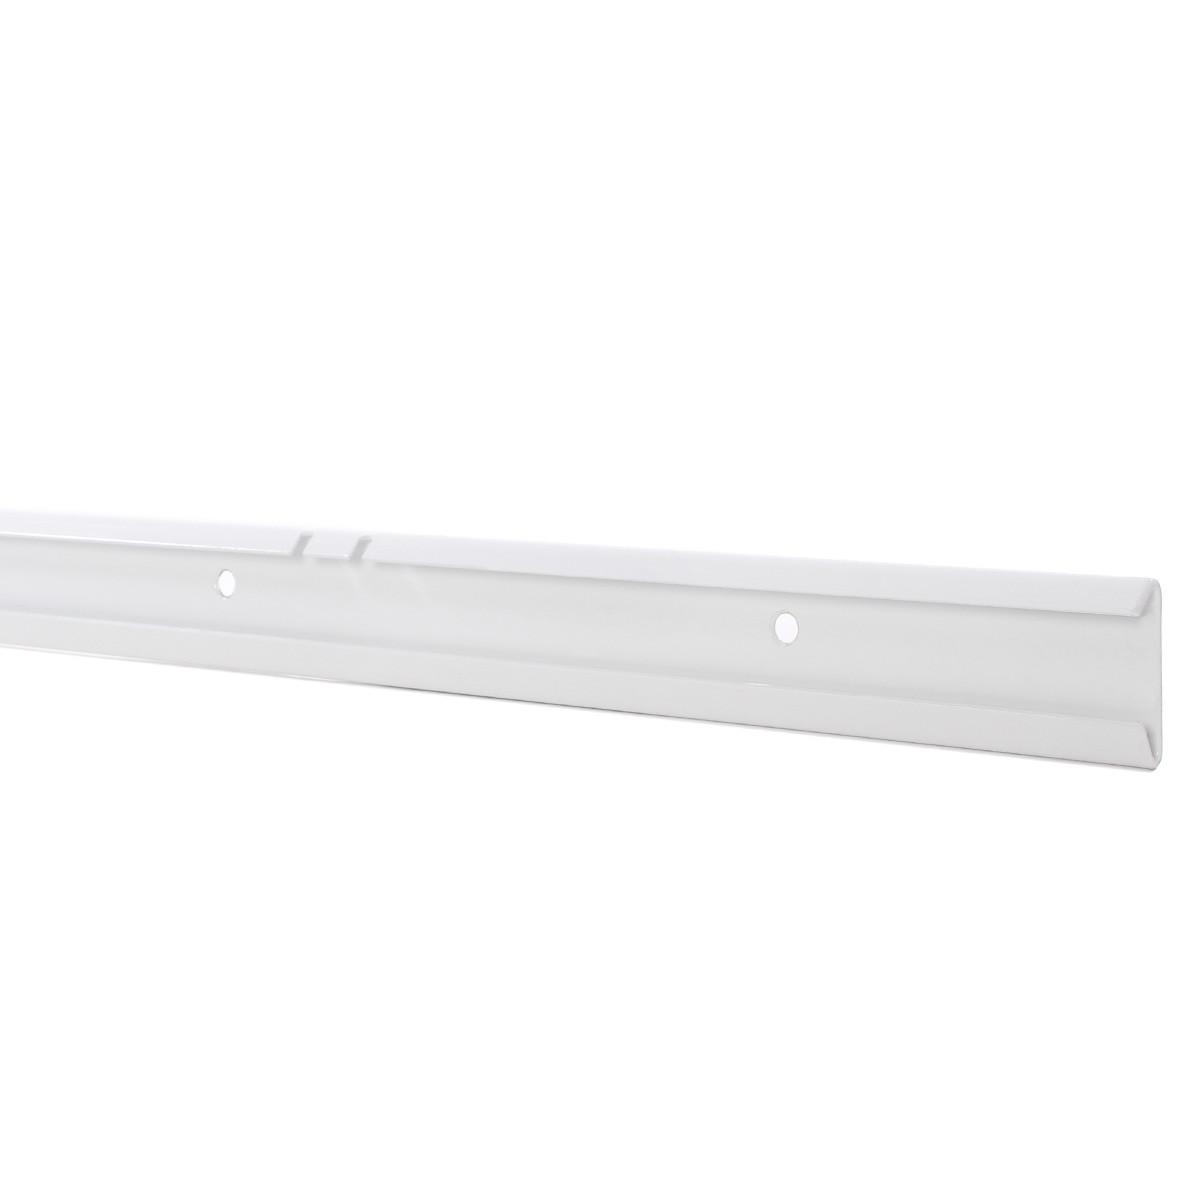 Рельс  для стойки гардеробной системы Larvij 1000мм  L9810WH